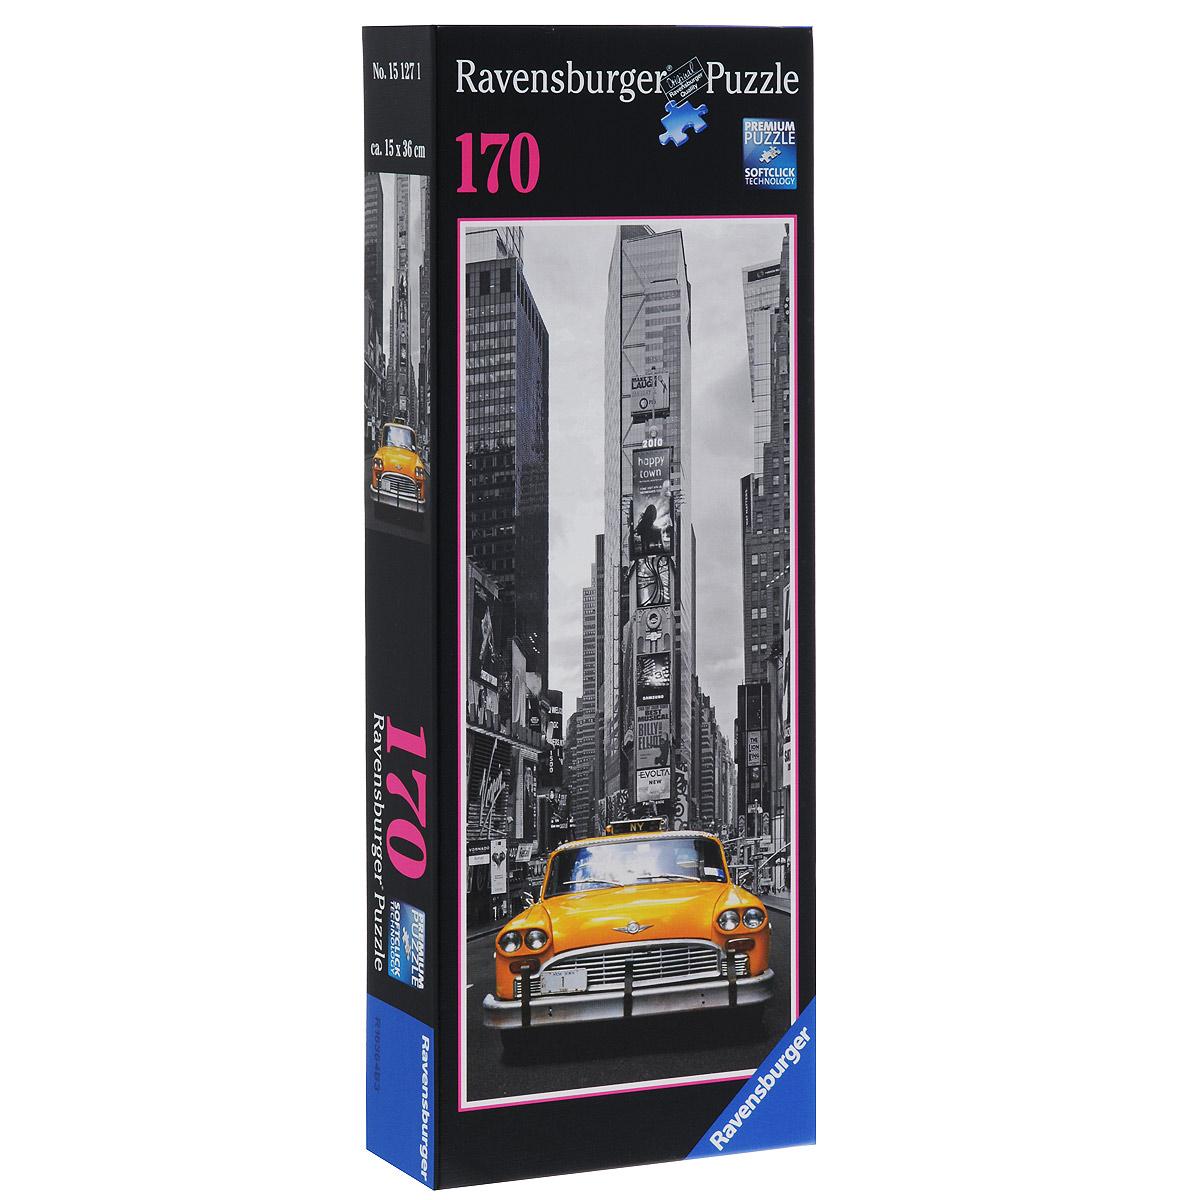 Ravensburger Нью-Йоркское такси. Пазл, 170 элементов